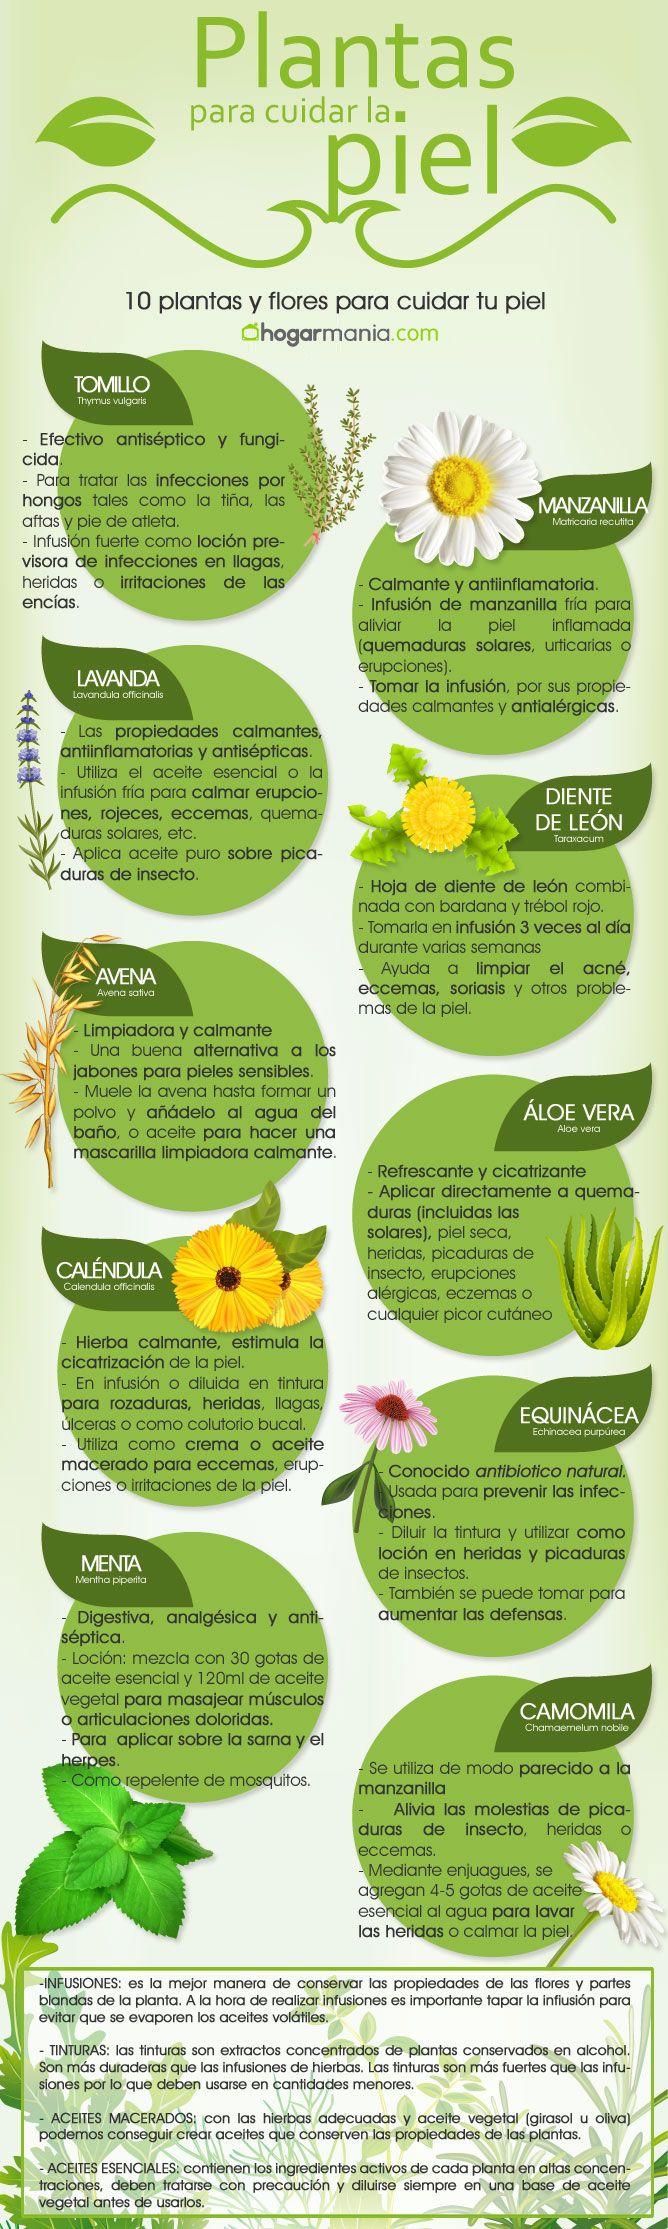 Existe un gran número de plantas y flores que ayudan al cuidado de la piel. En esta infografía os enseñamos las 10 plantas y los remedios naturales asociados a ellas para cuidar la piel, reducir el envejecimiento, ayudar a cicatrizar, curar heridas... entre otras.